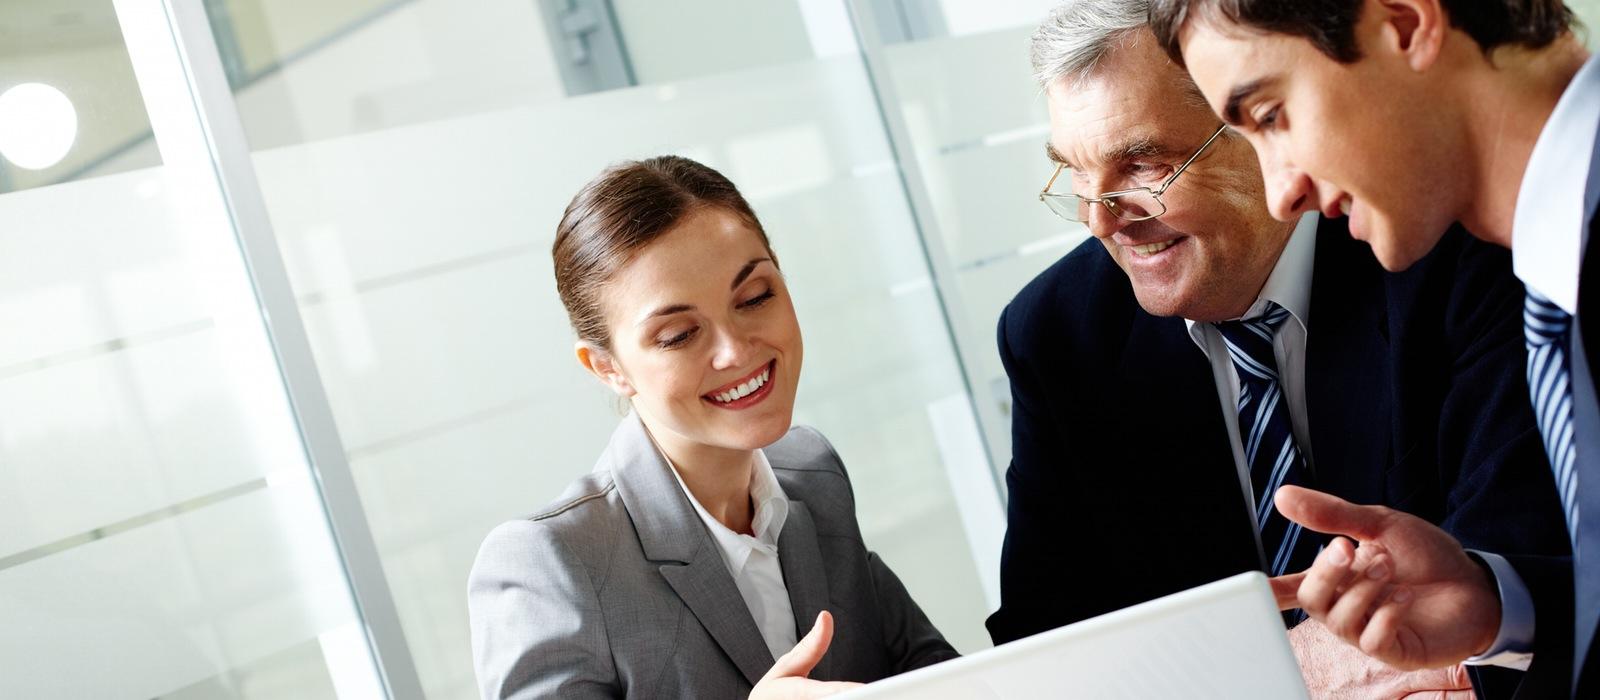 Angebot für klein- und mittelständische Unternehmen